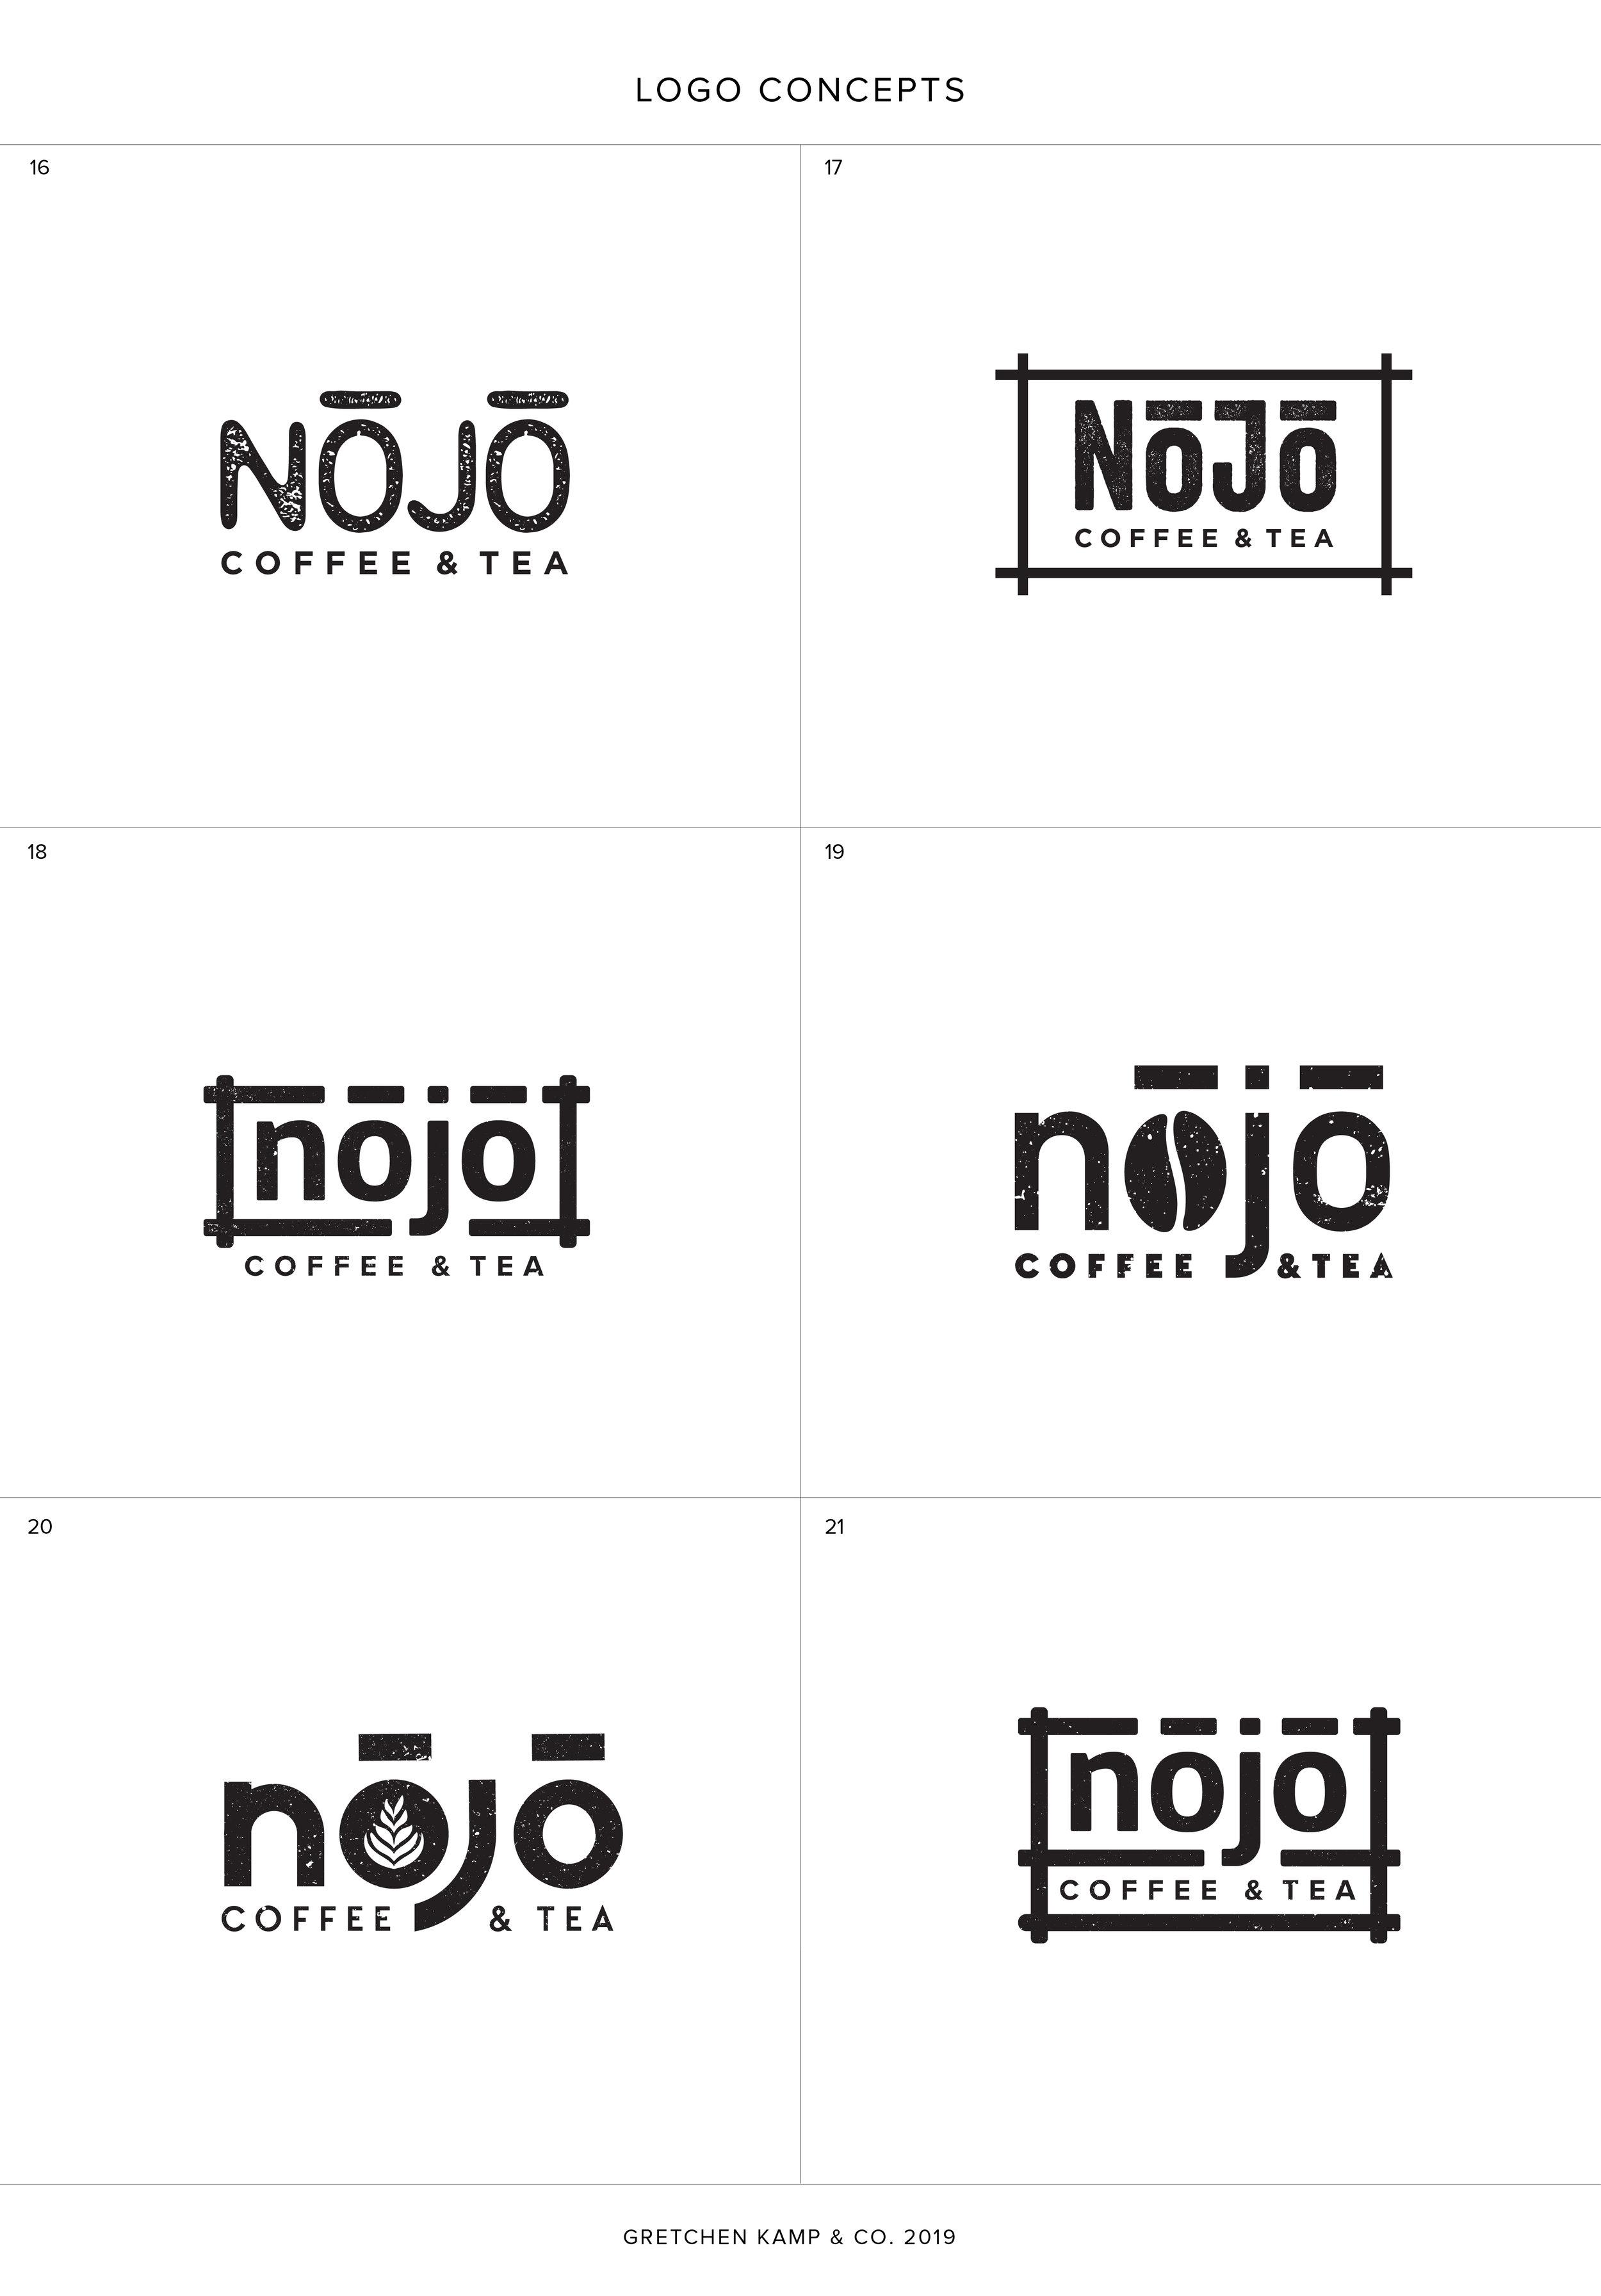 Nojo_Logos_v04-01.jpg